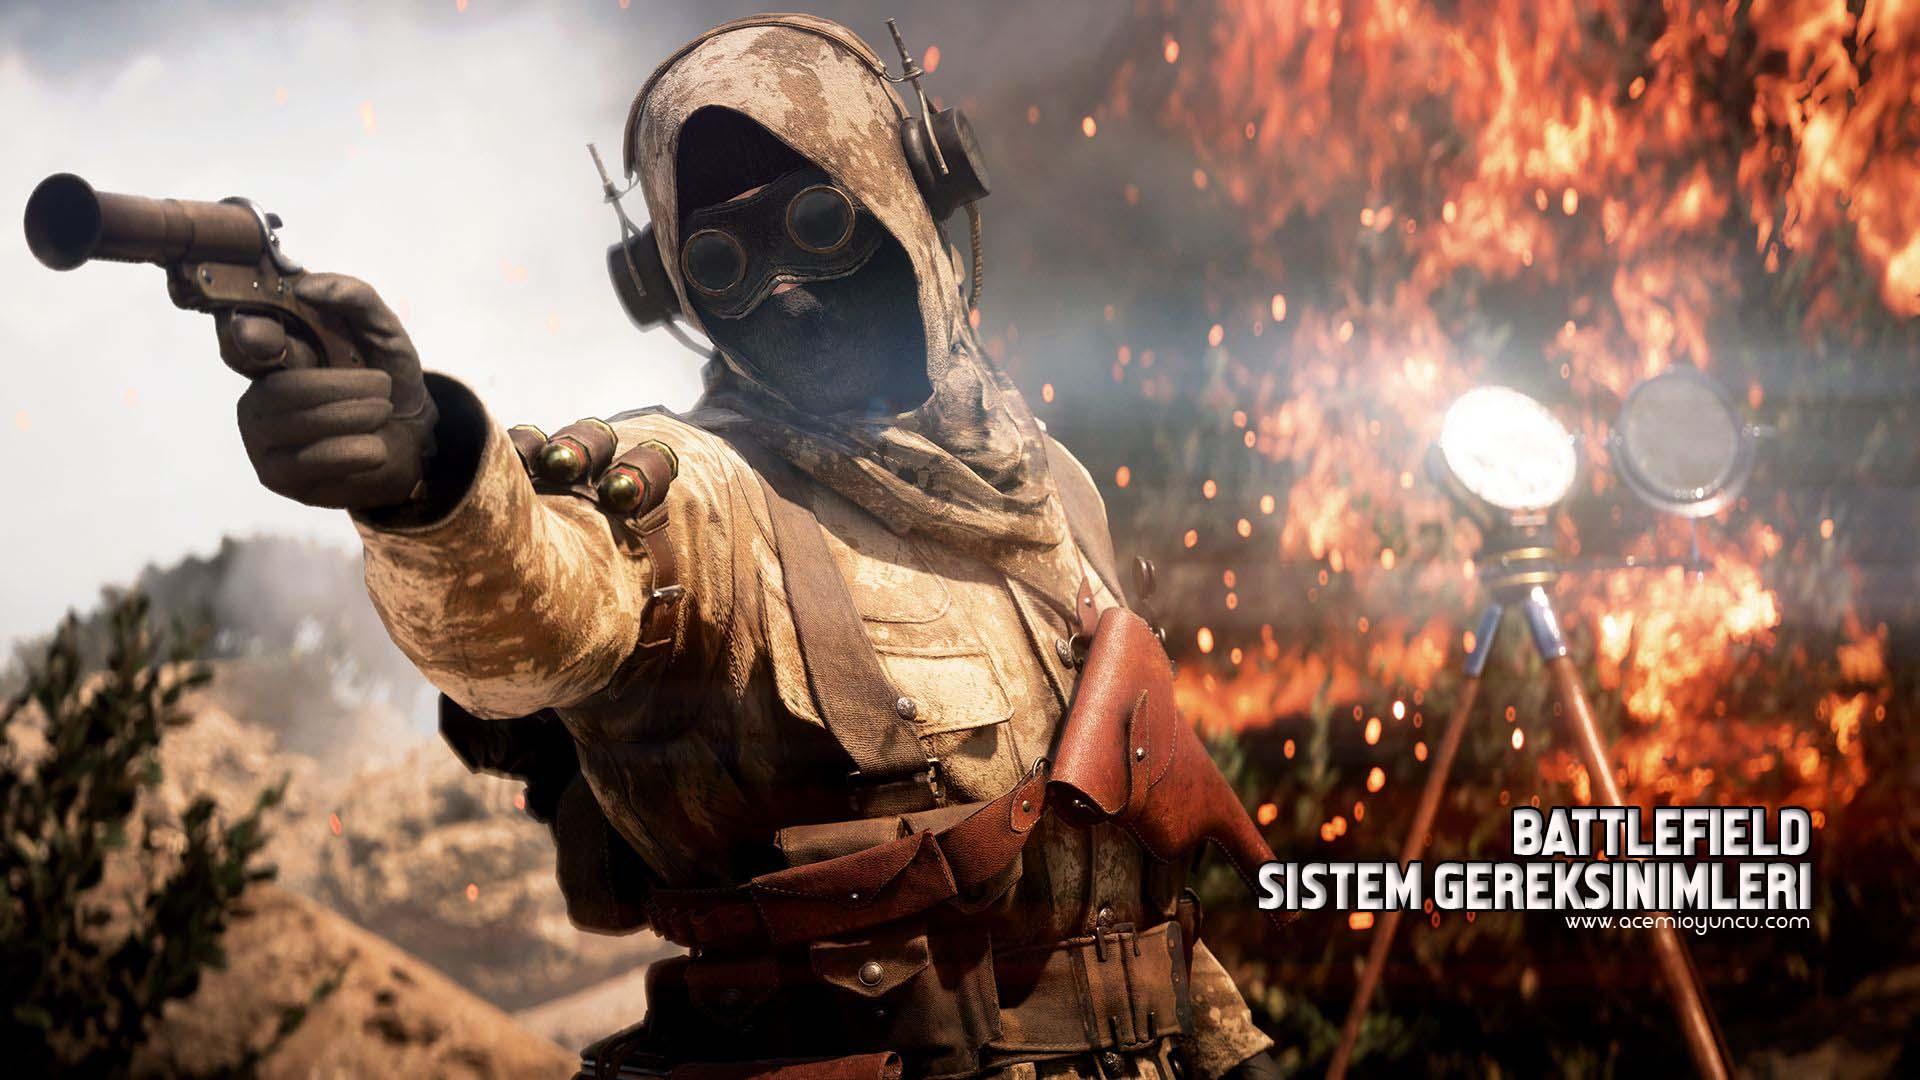 Battlefield 1 Sistem Gereksinimleri – Battlefield 1 Kaç GB ?